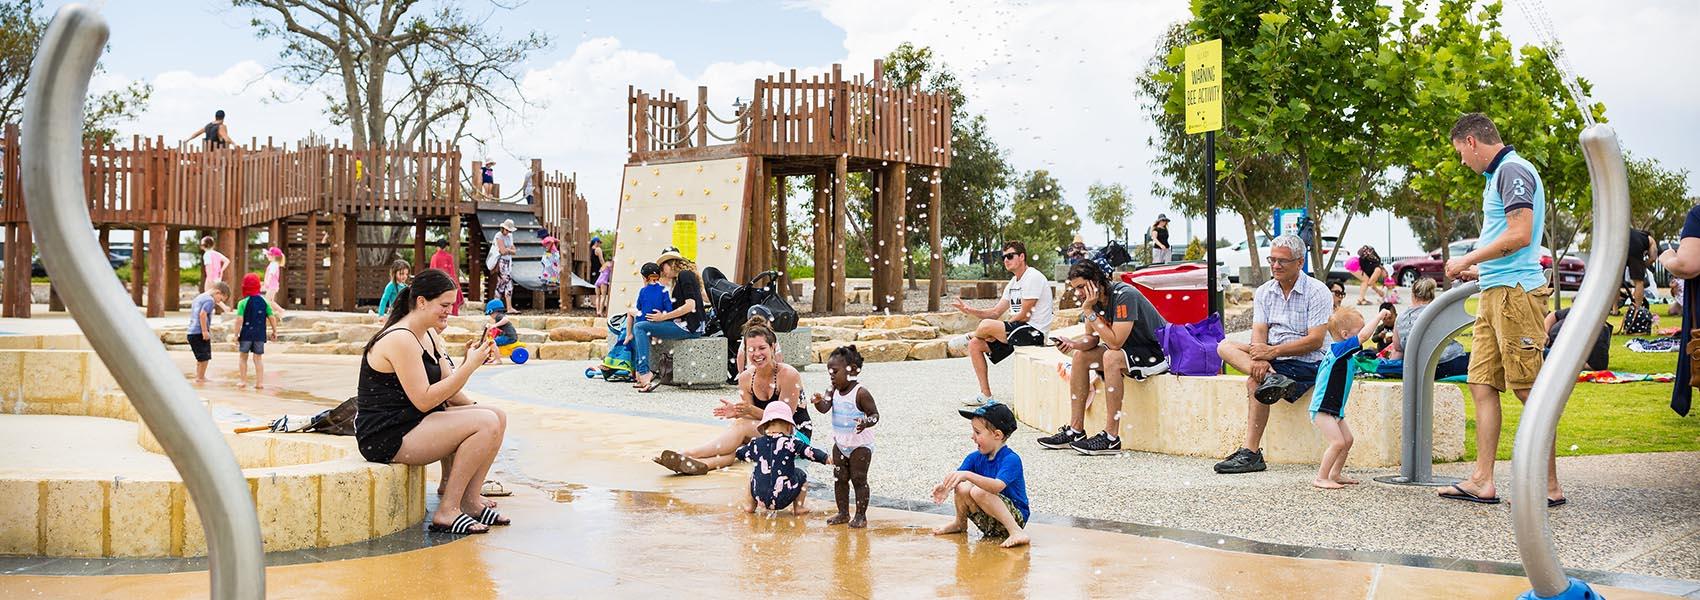 Kinkuna Park in Allara Estate features a free water playground